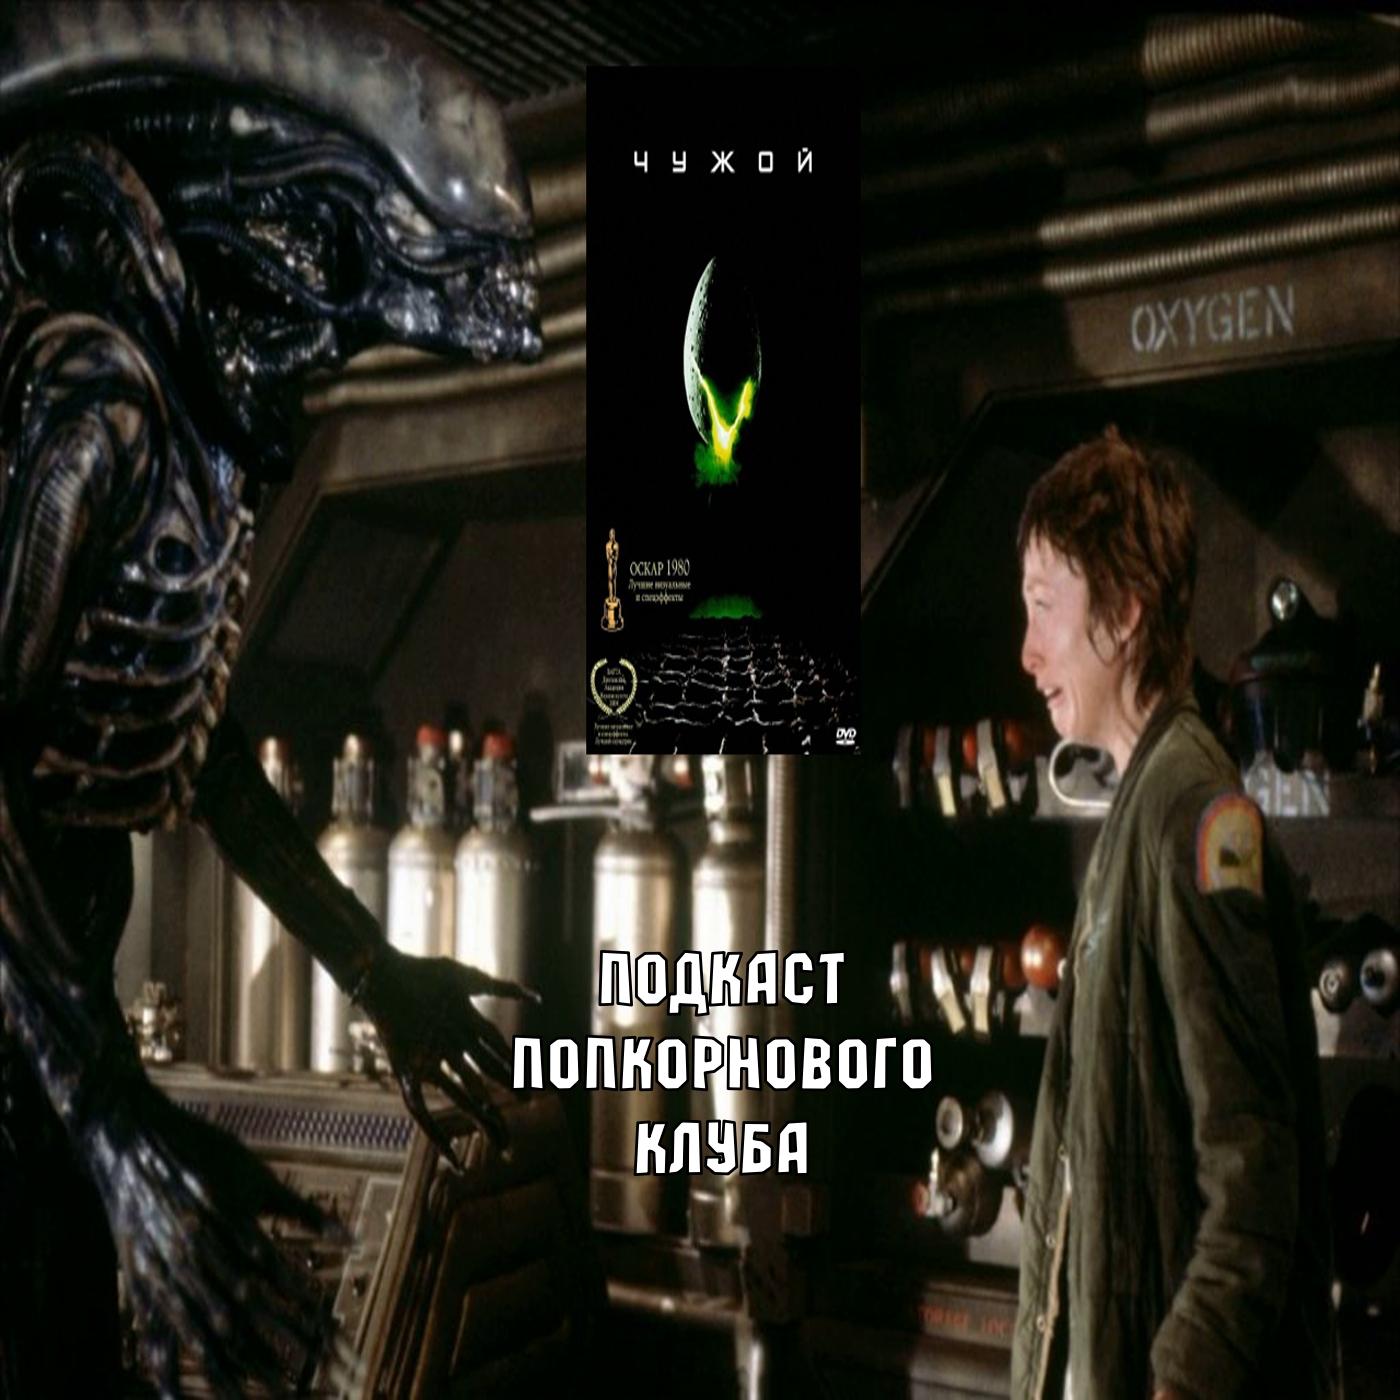 Чужой (Alien) (1979) - Попкорновый клуб